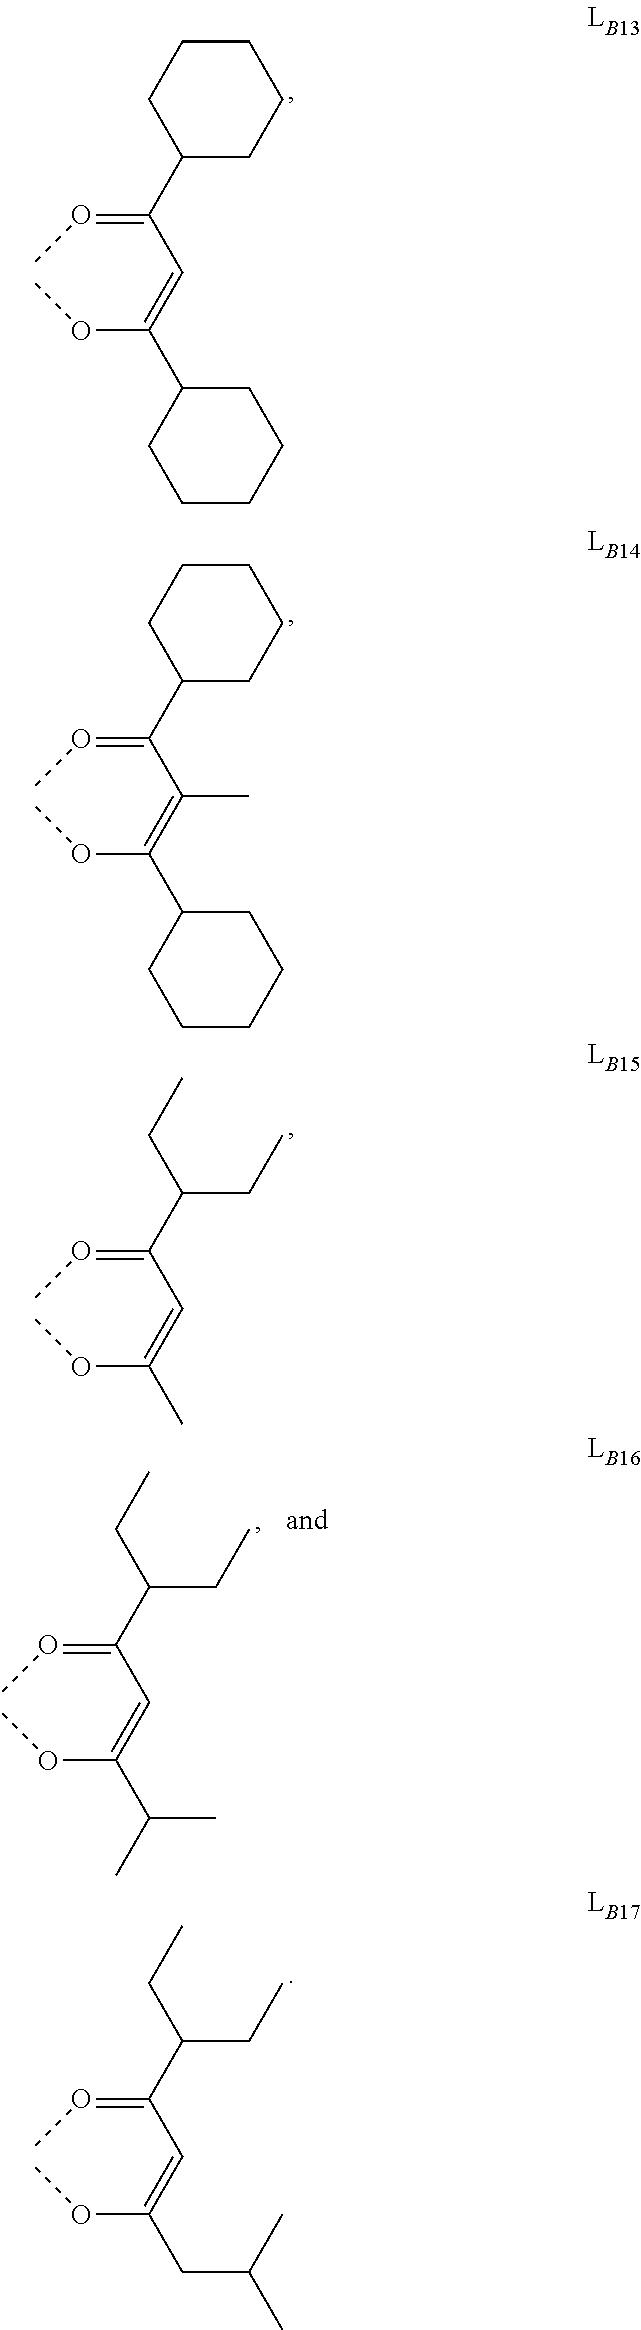 Figure US09859510-20180102-C00025